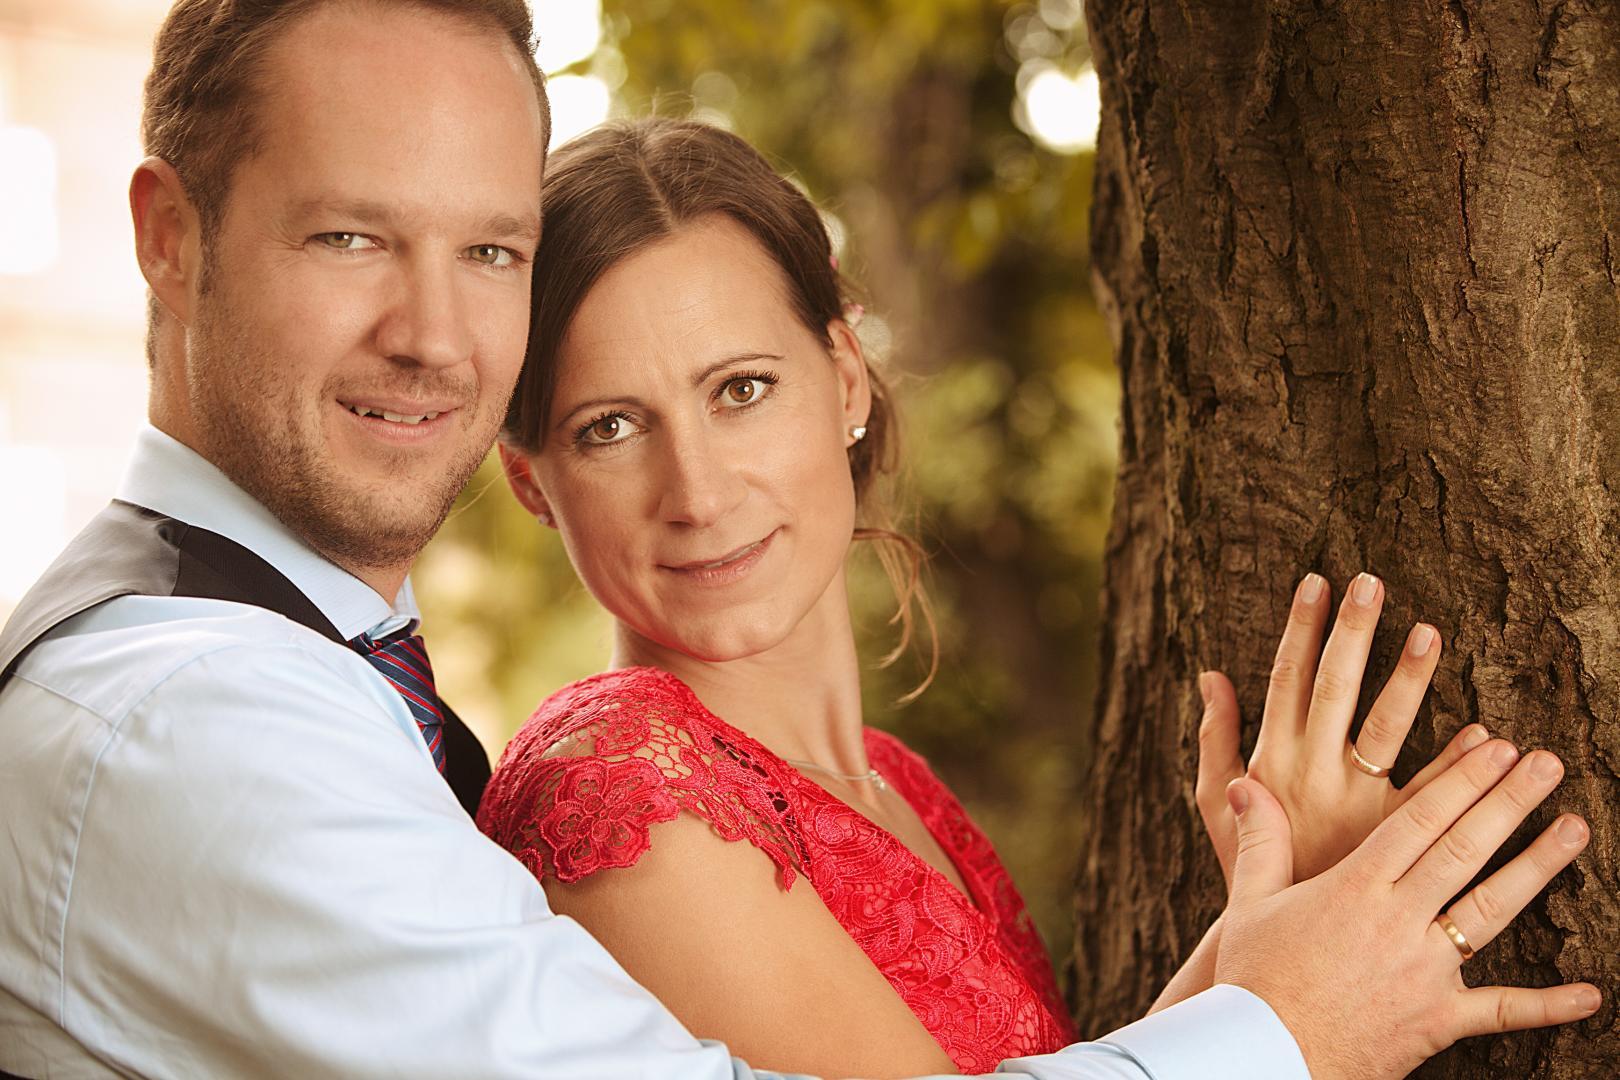 Brautpaar Braut mit rotem Kleid Hochzeitsfotograf Mattin Ott Köln